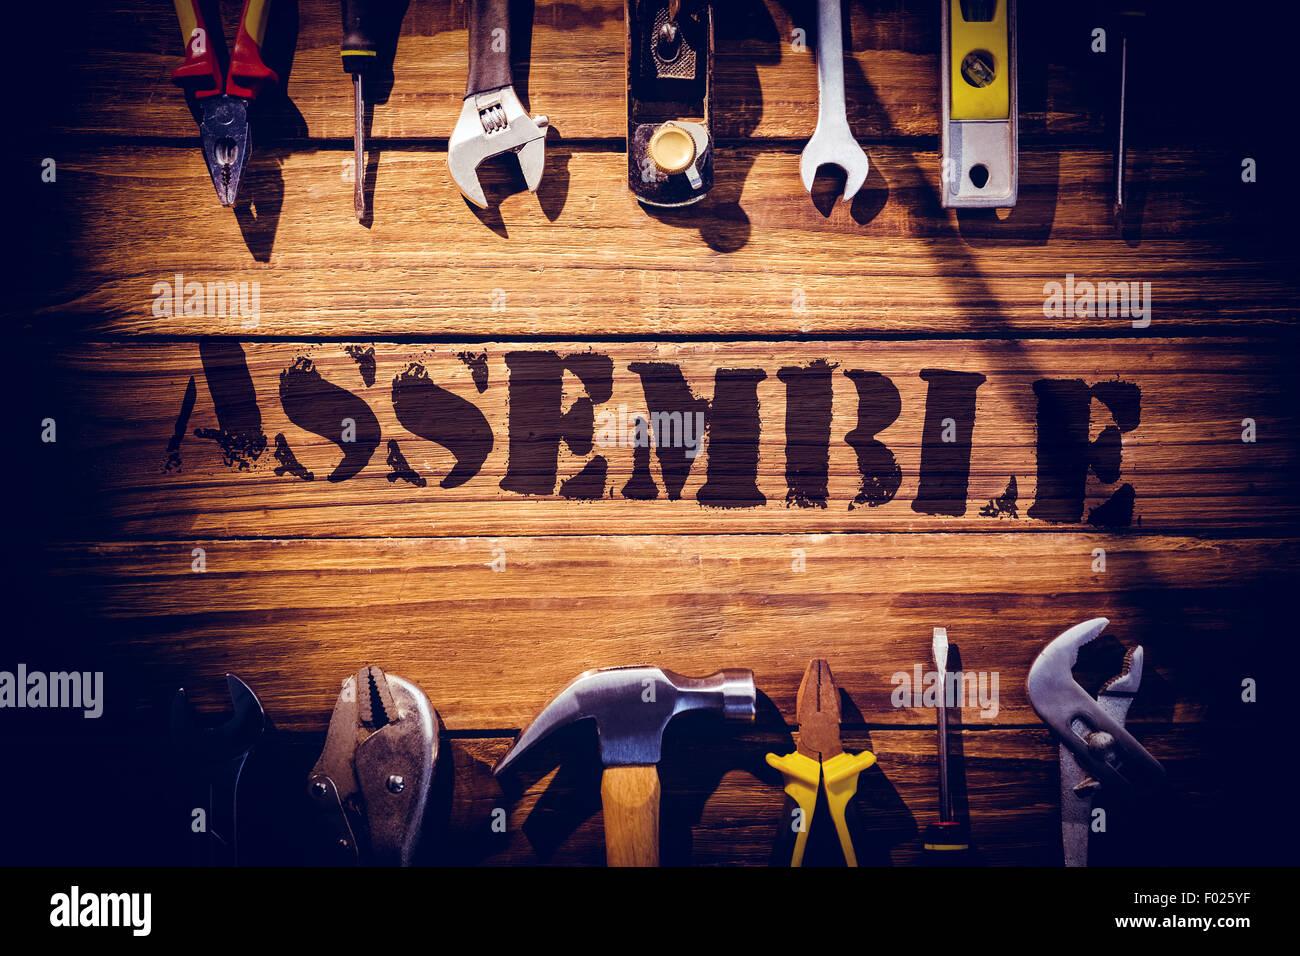 Assemblage contre 24 avec des outils Photo Stock